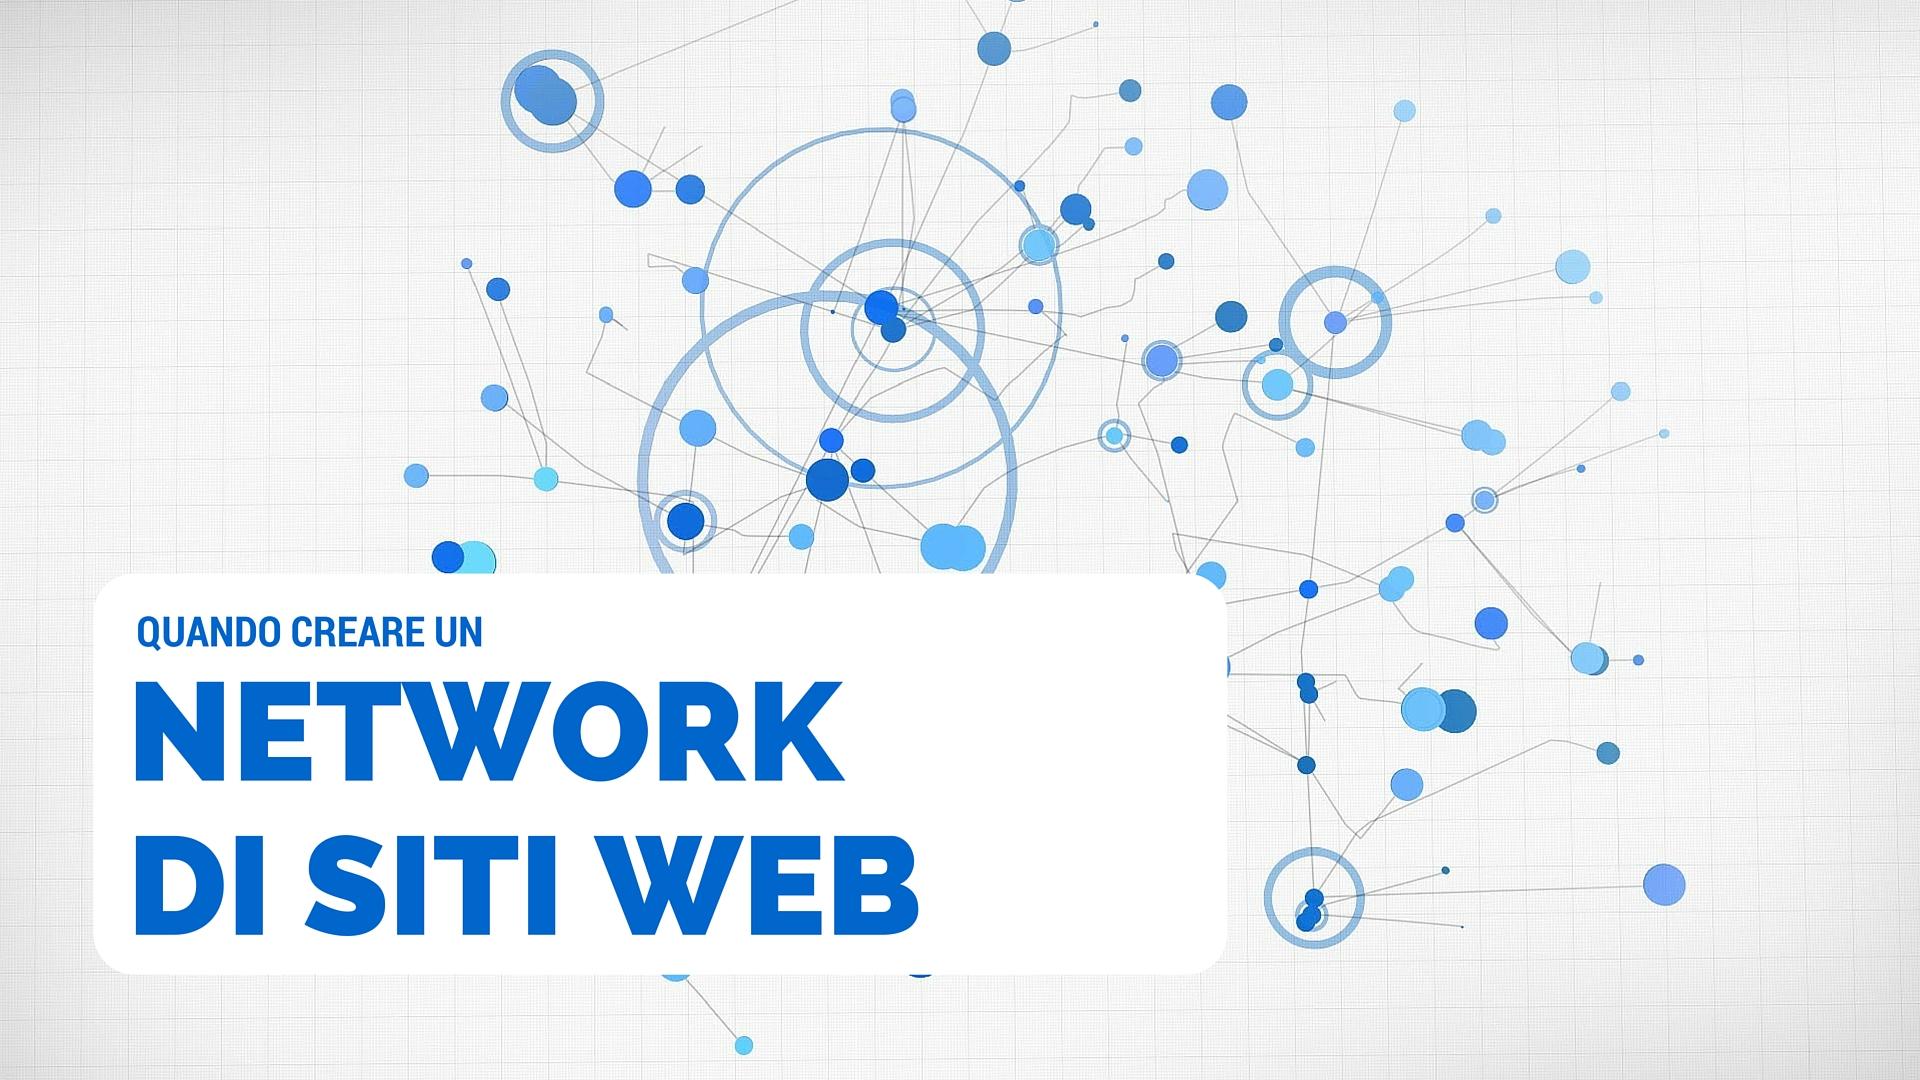 Network di siti web